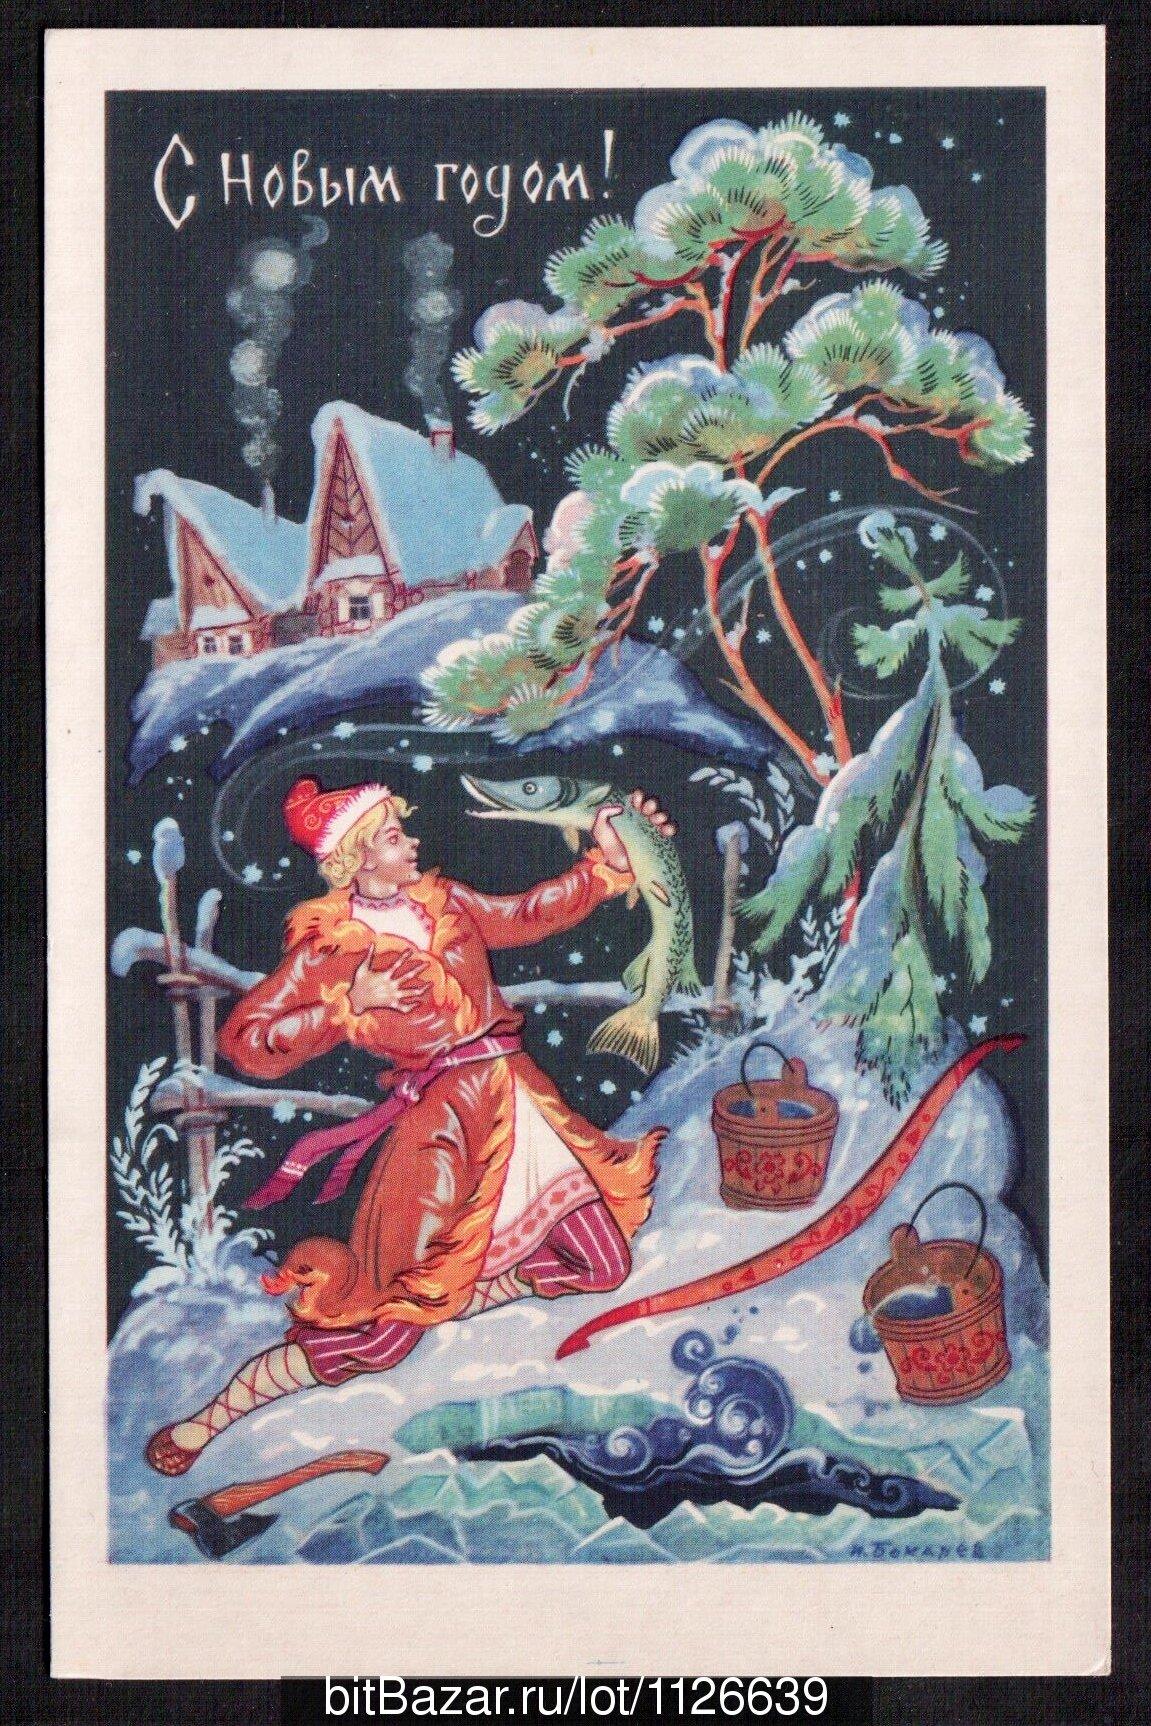 Фото открытки ссср сказки русские смотреть в хорошем качестве, октябрь старая открытка